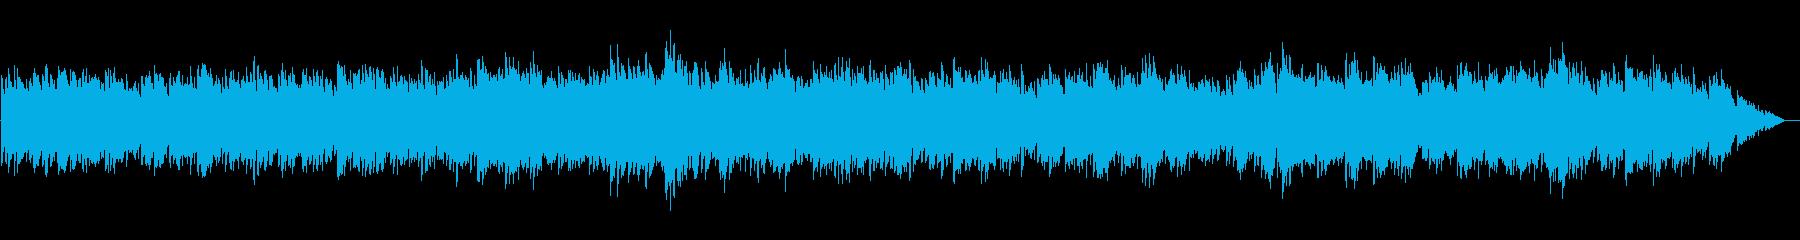 ドライブ・旅・夏 爽やかなピアノソロの再生済みの波形